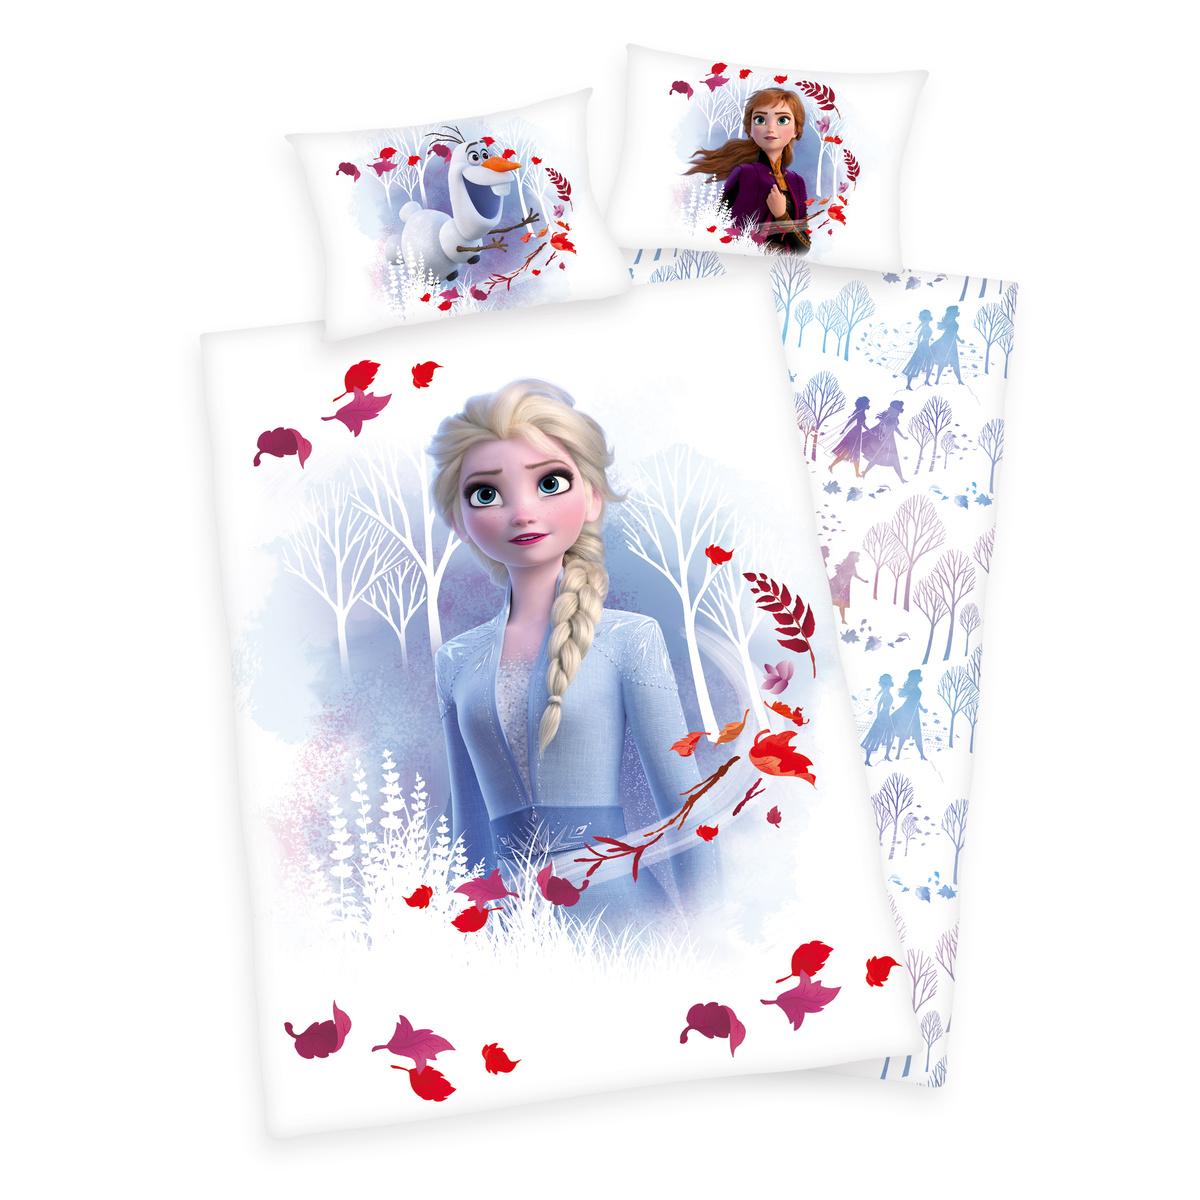 Bawełniana pościel dziecięca do łóżeczka Frozen 2 Believe journey, 100 x 135 cm, 40 x 60 cm